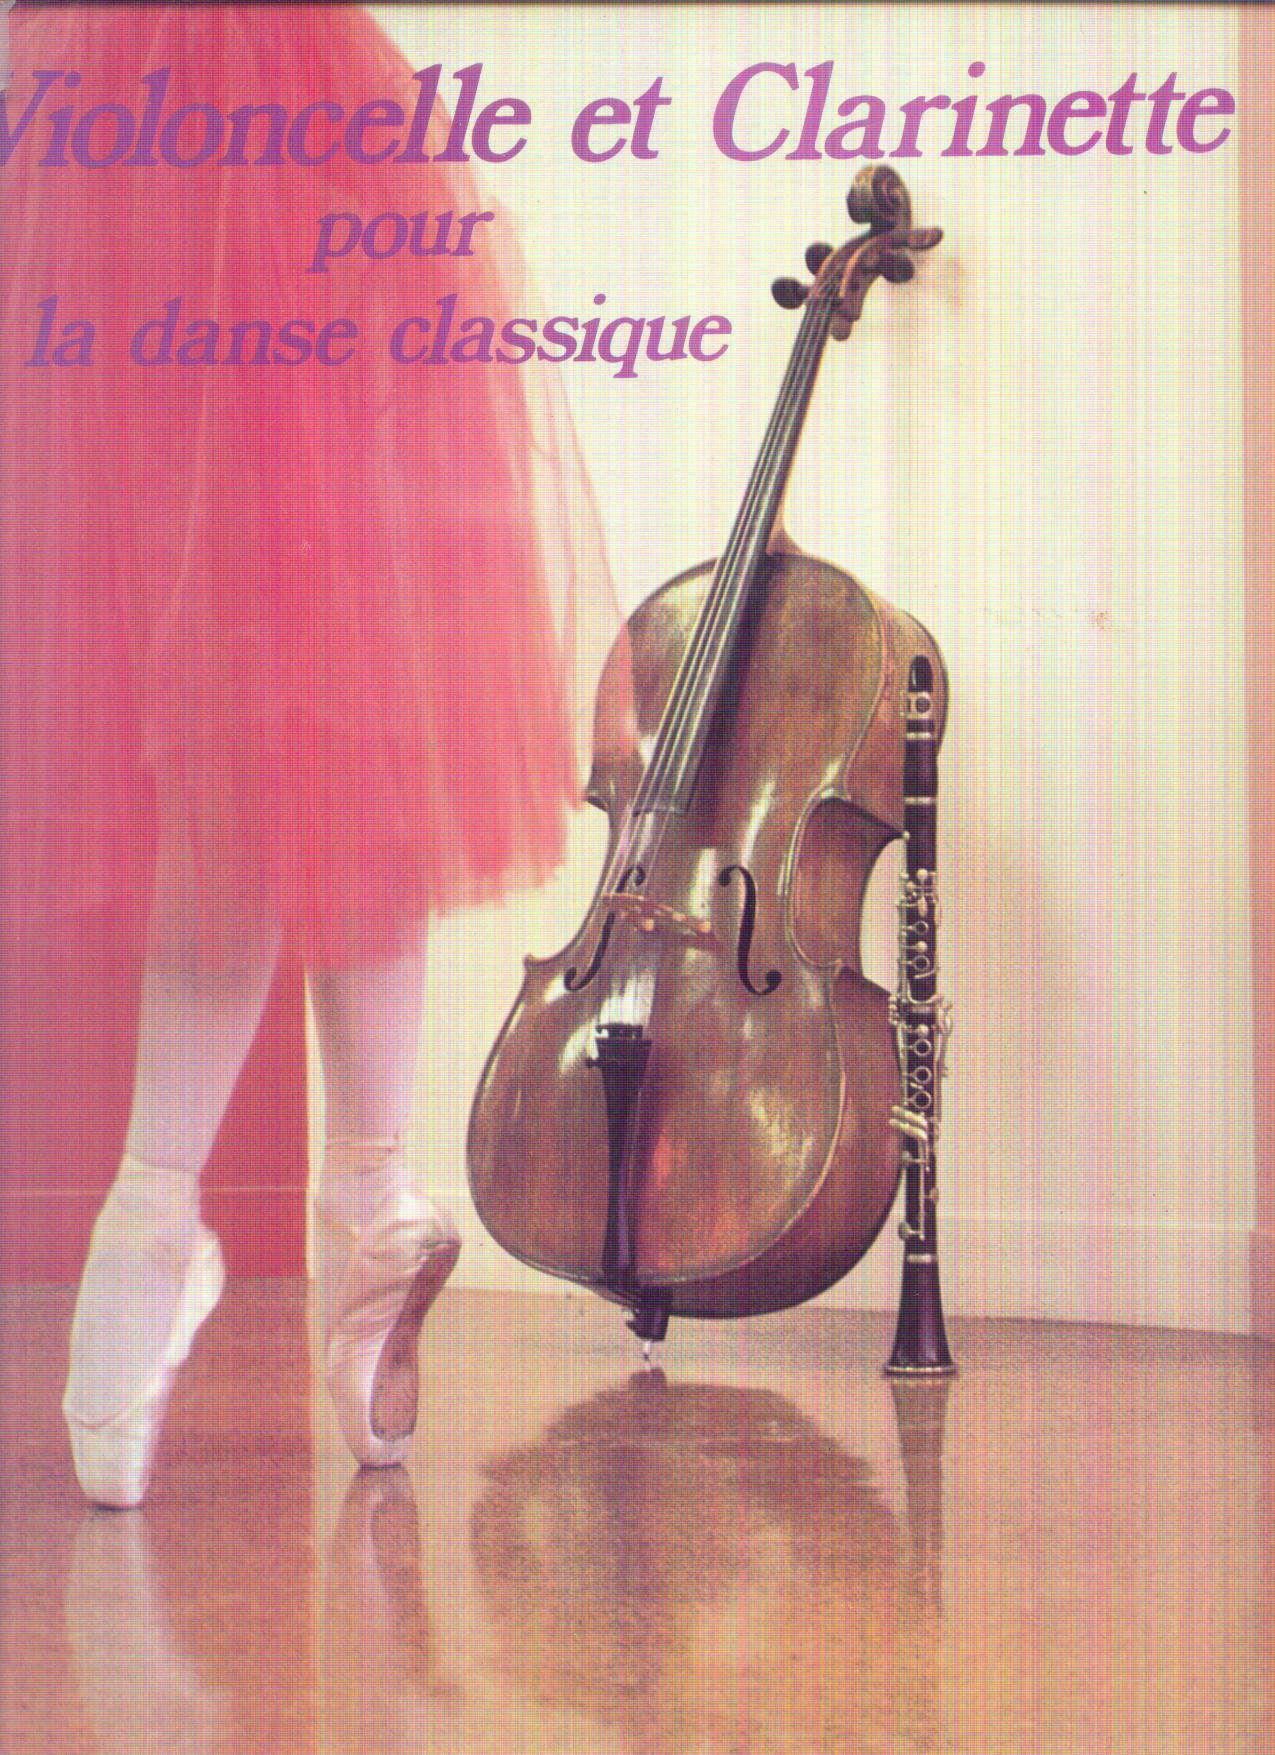 Danse classique barre for Musique barre danse classique gratuite